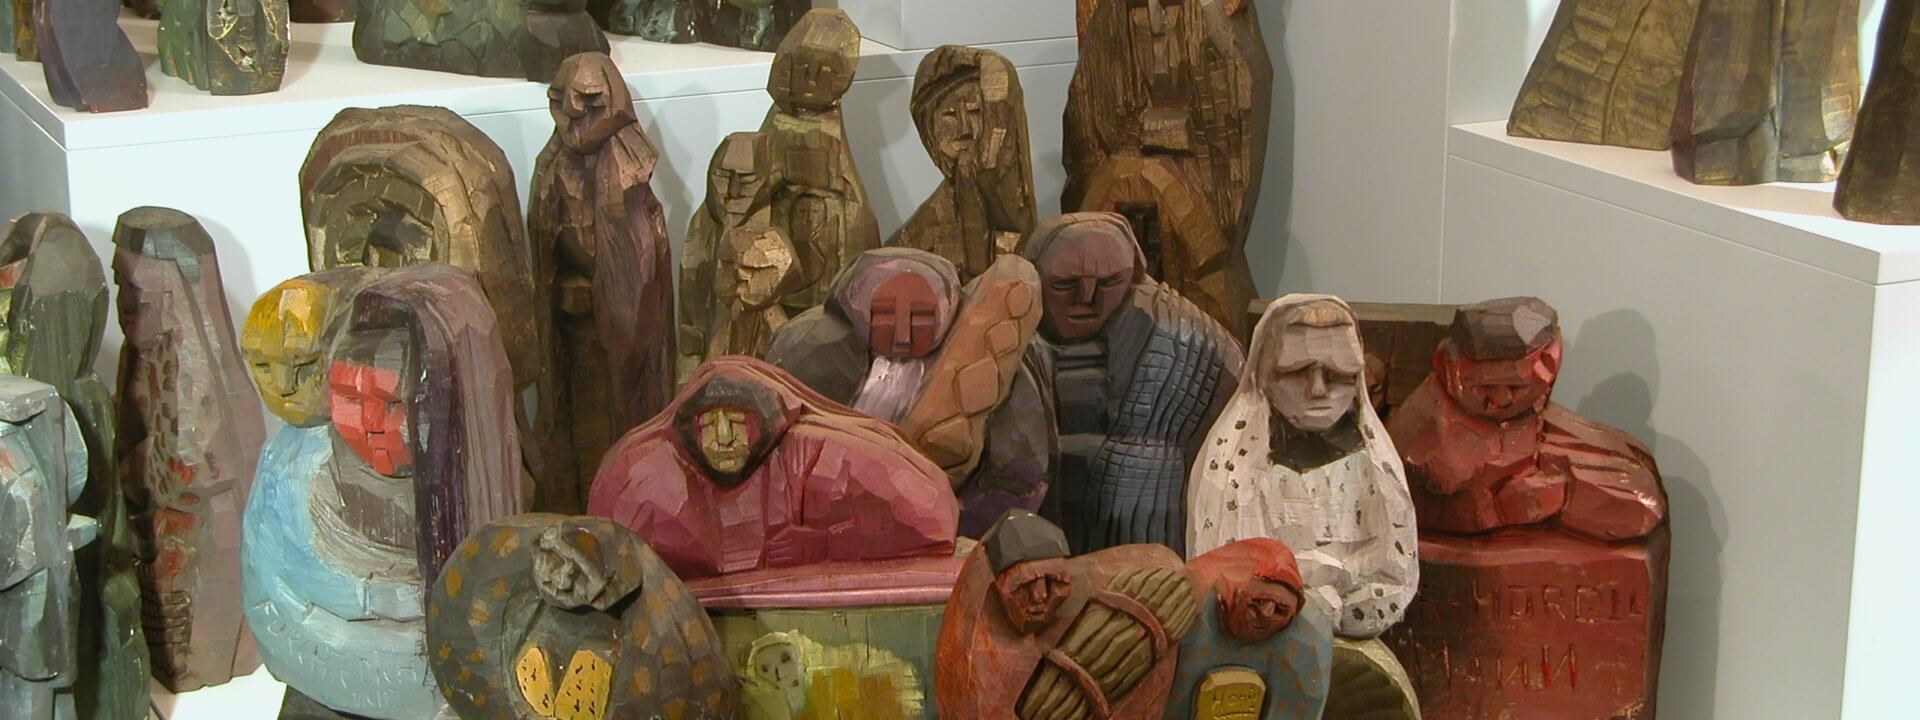 Krippenspiel Ueliger Holzfiguren